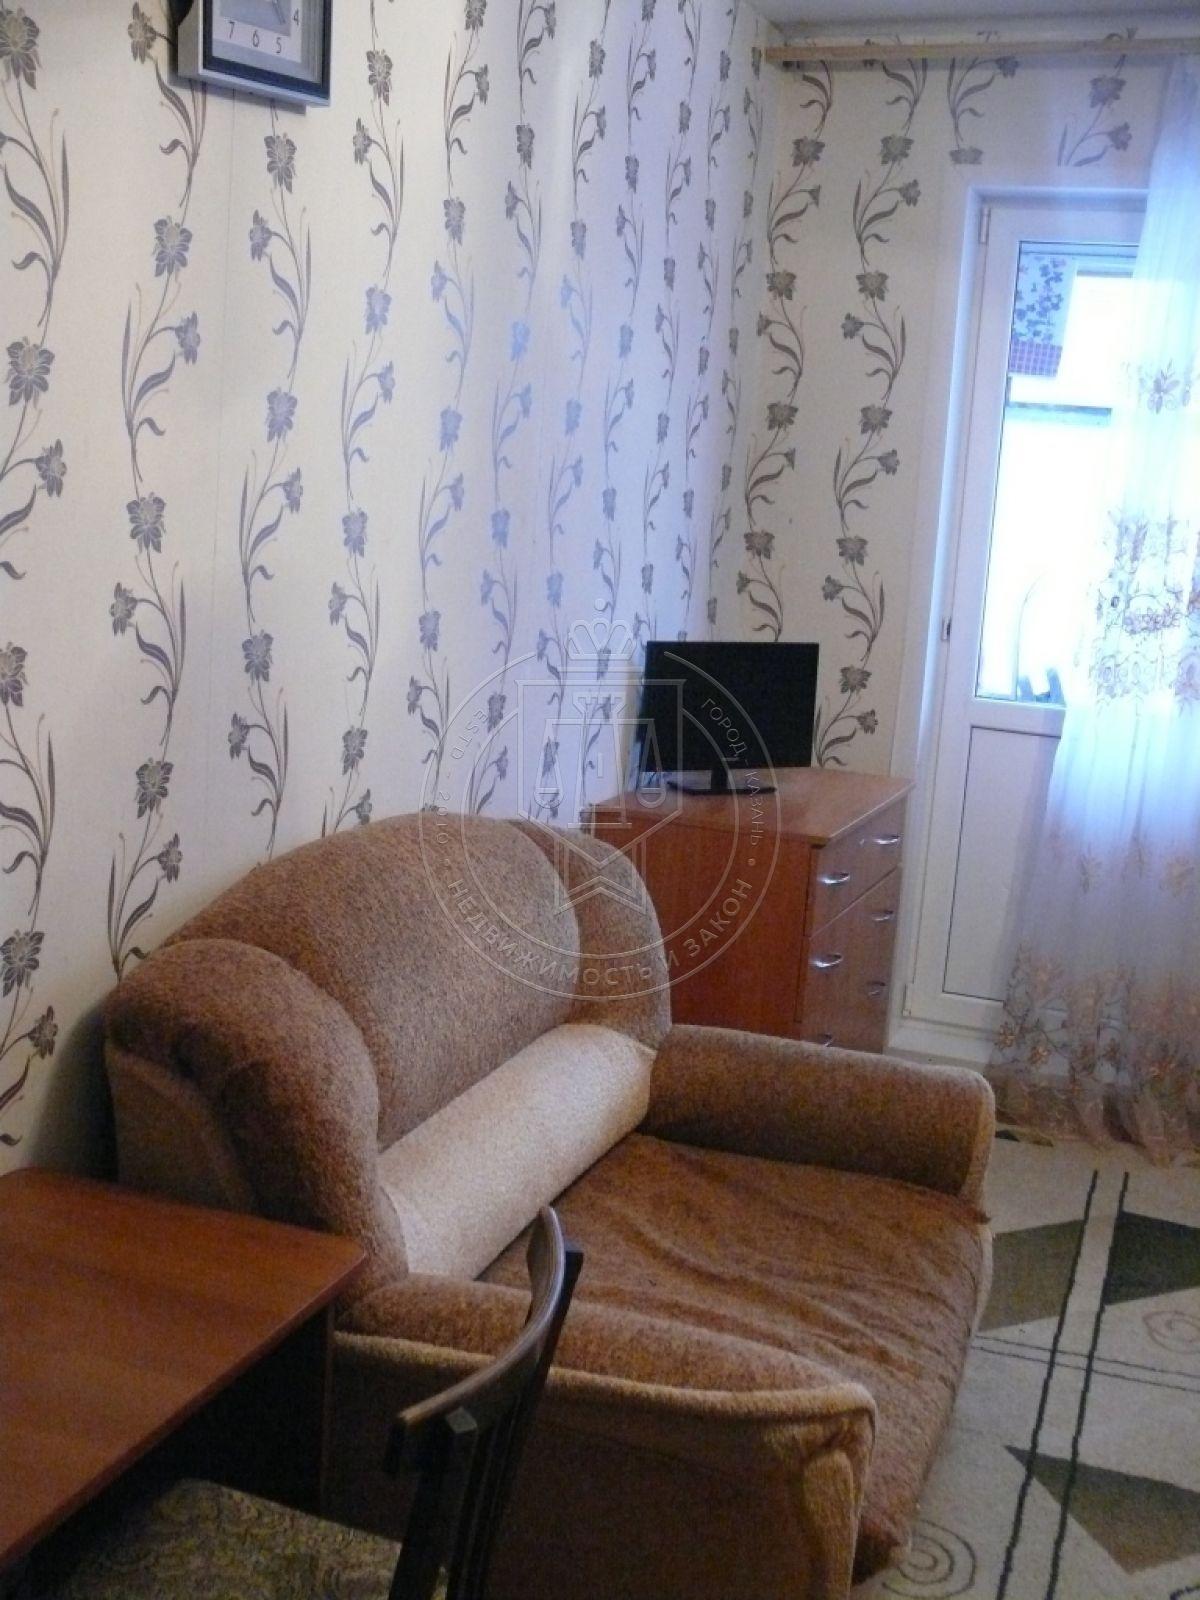 Продажа 2-к квартиры Краснококшайская ул, 174, 42 м²  (миниатюра №2)